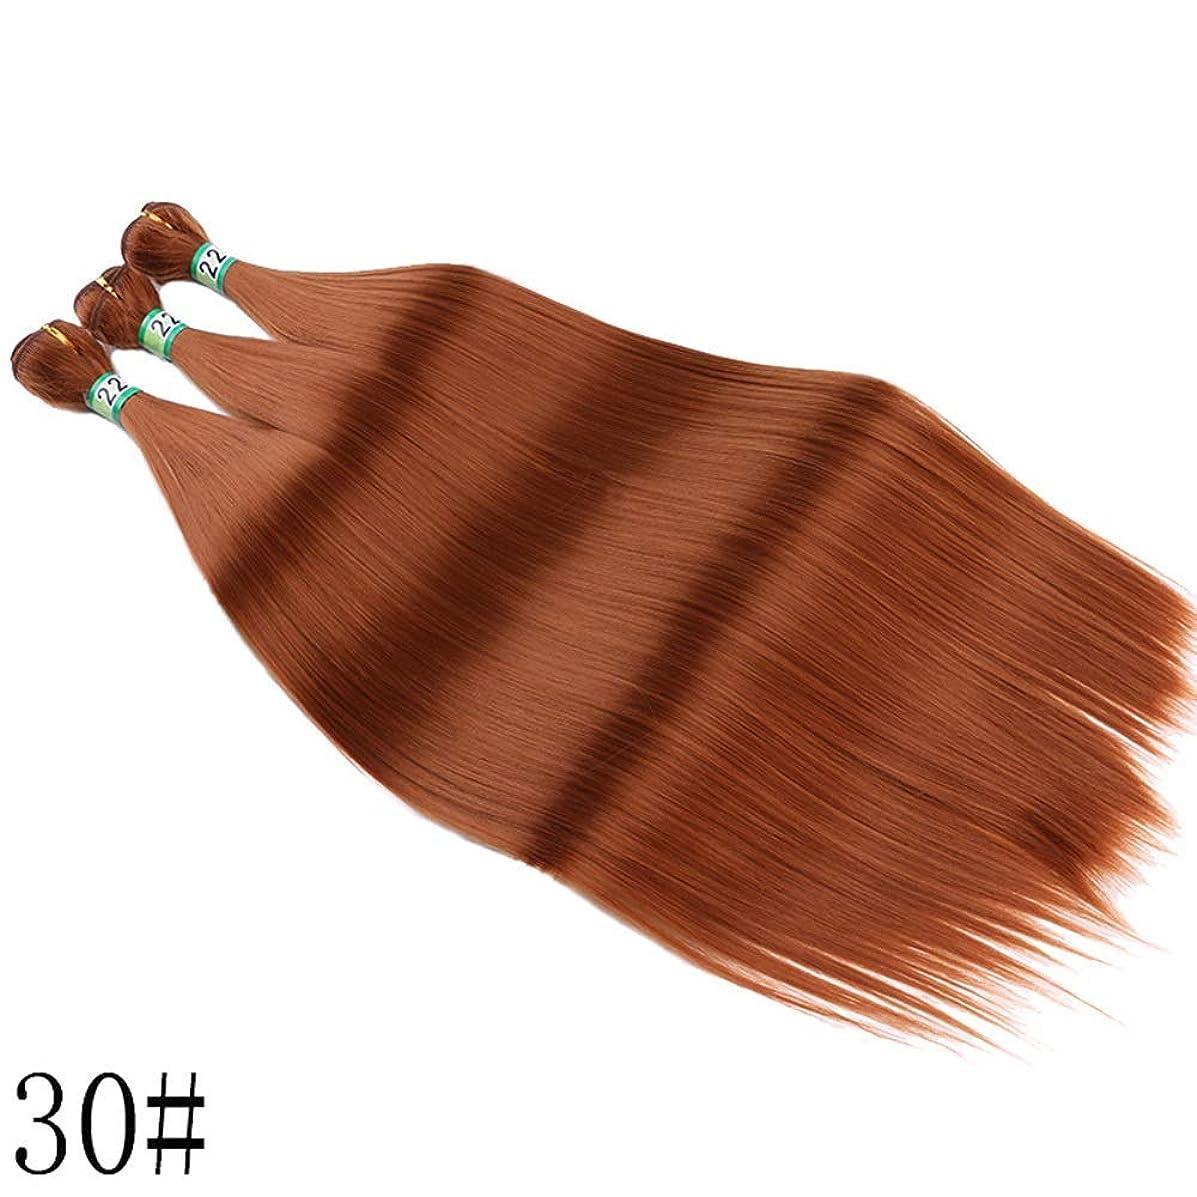 世界記録のギネスブック眠っているシロナガスクジラBOBIDYEE 3バンドル合成髪織りヘアエクステンション女性のための耐熱性繊維シルキーストレートヘアコンポジットヘアレースかつらロールプレイングウィッグロングとショート女性自然 (色 : ブラウン, サイズ : 24inch)